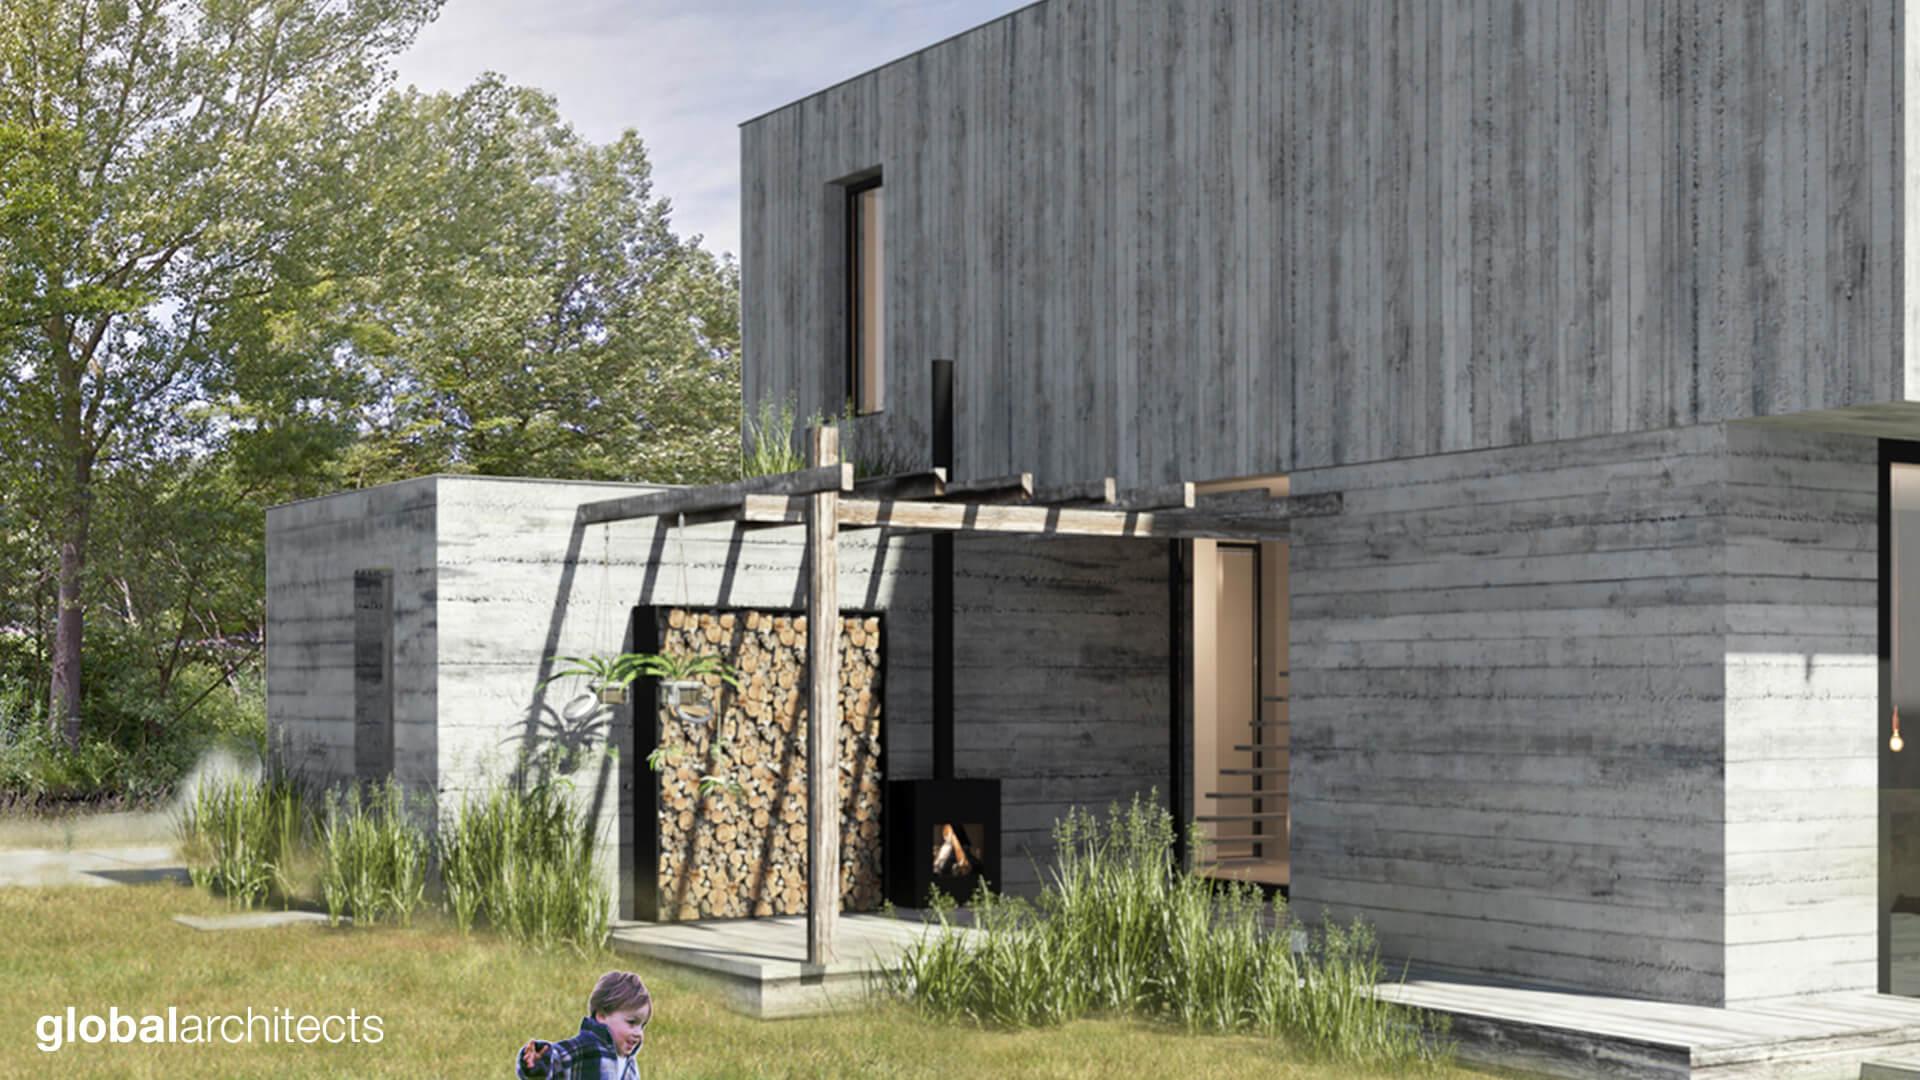 Architectenbureau Den Haag : Architect schapenatjesduin kavel zelfbouw architectenbureau